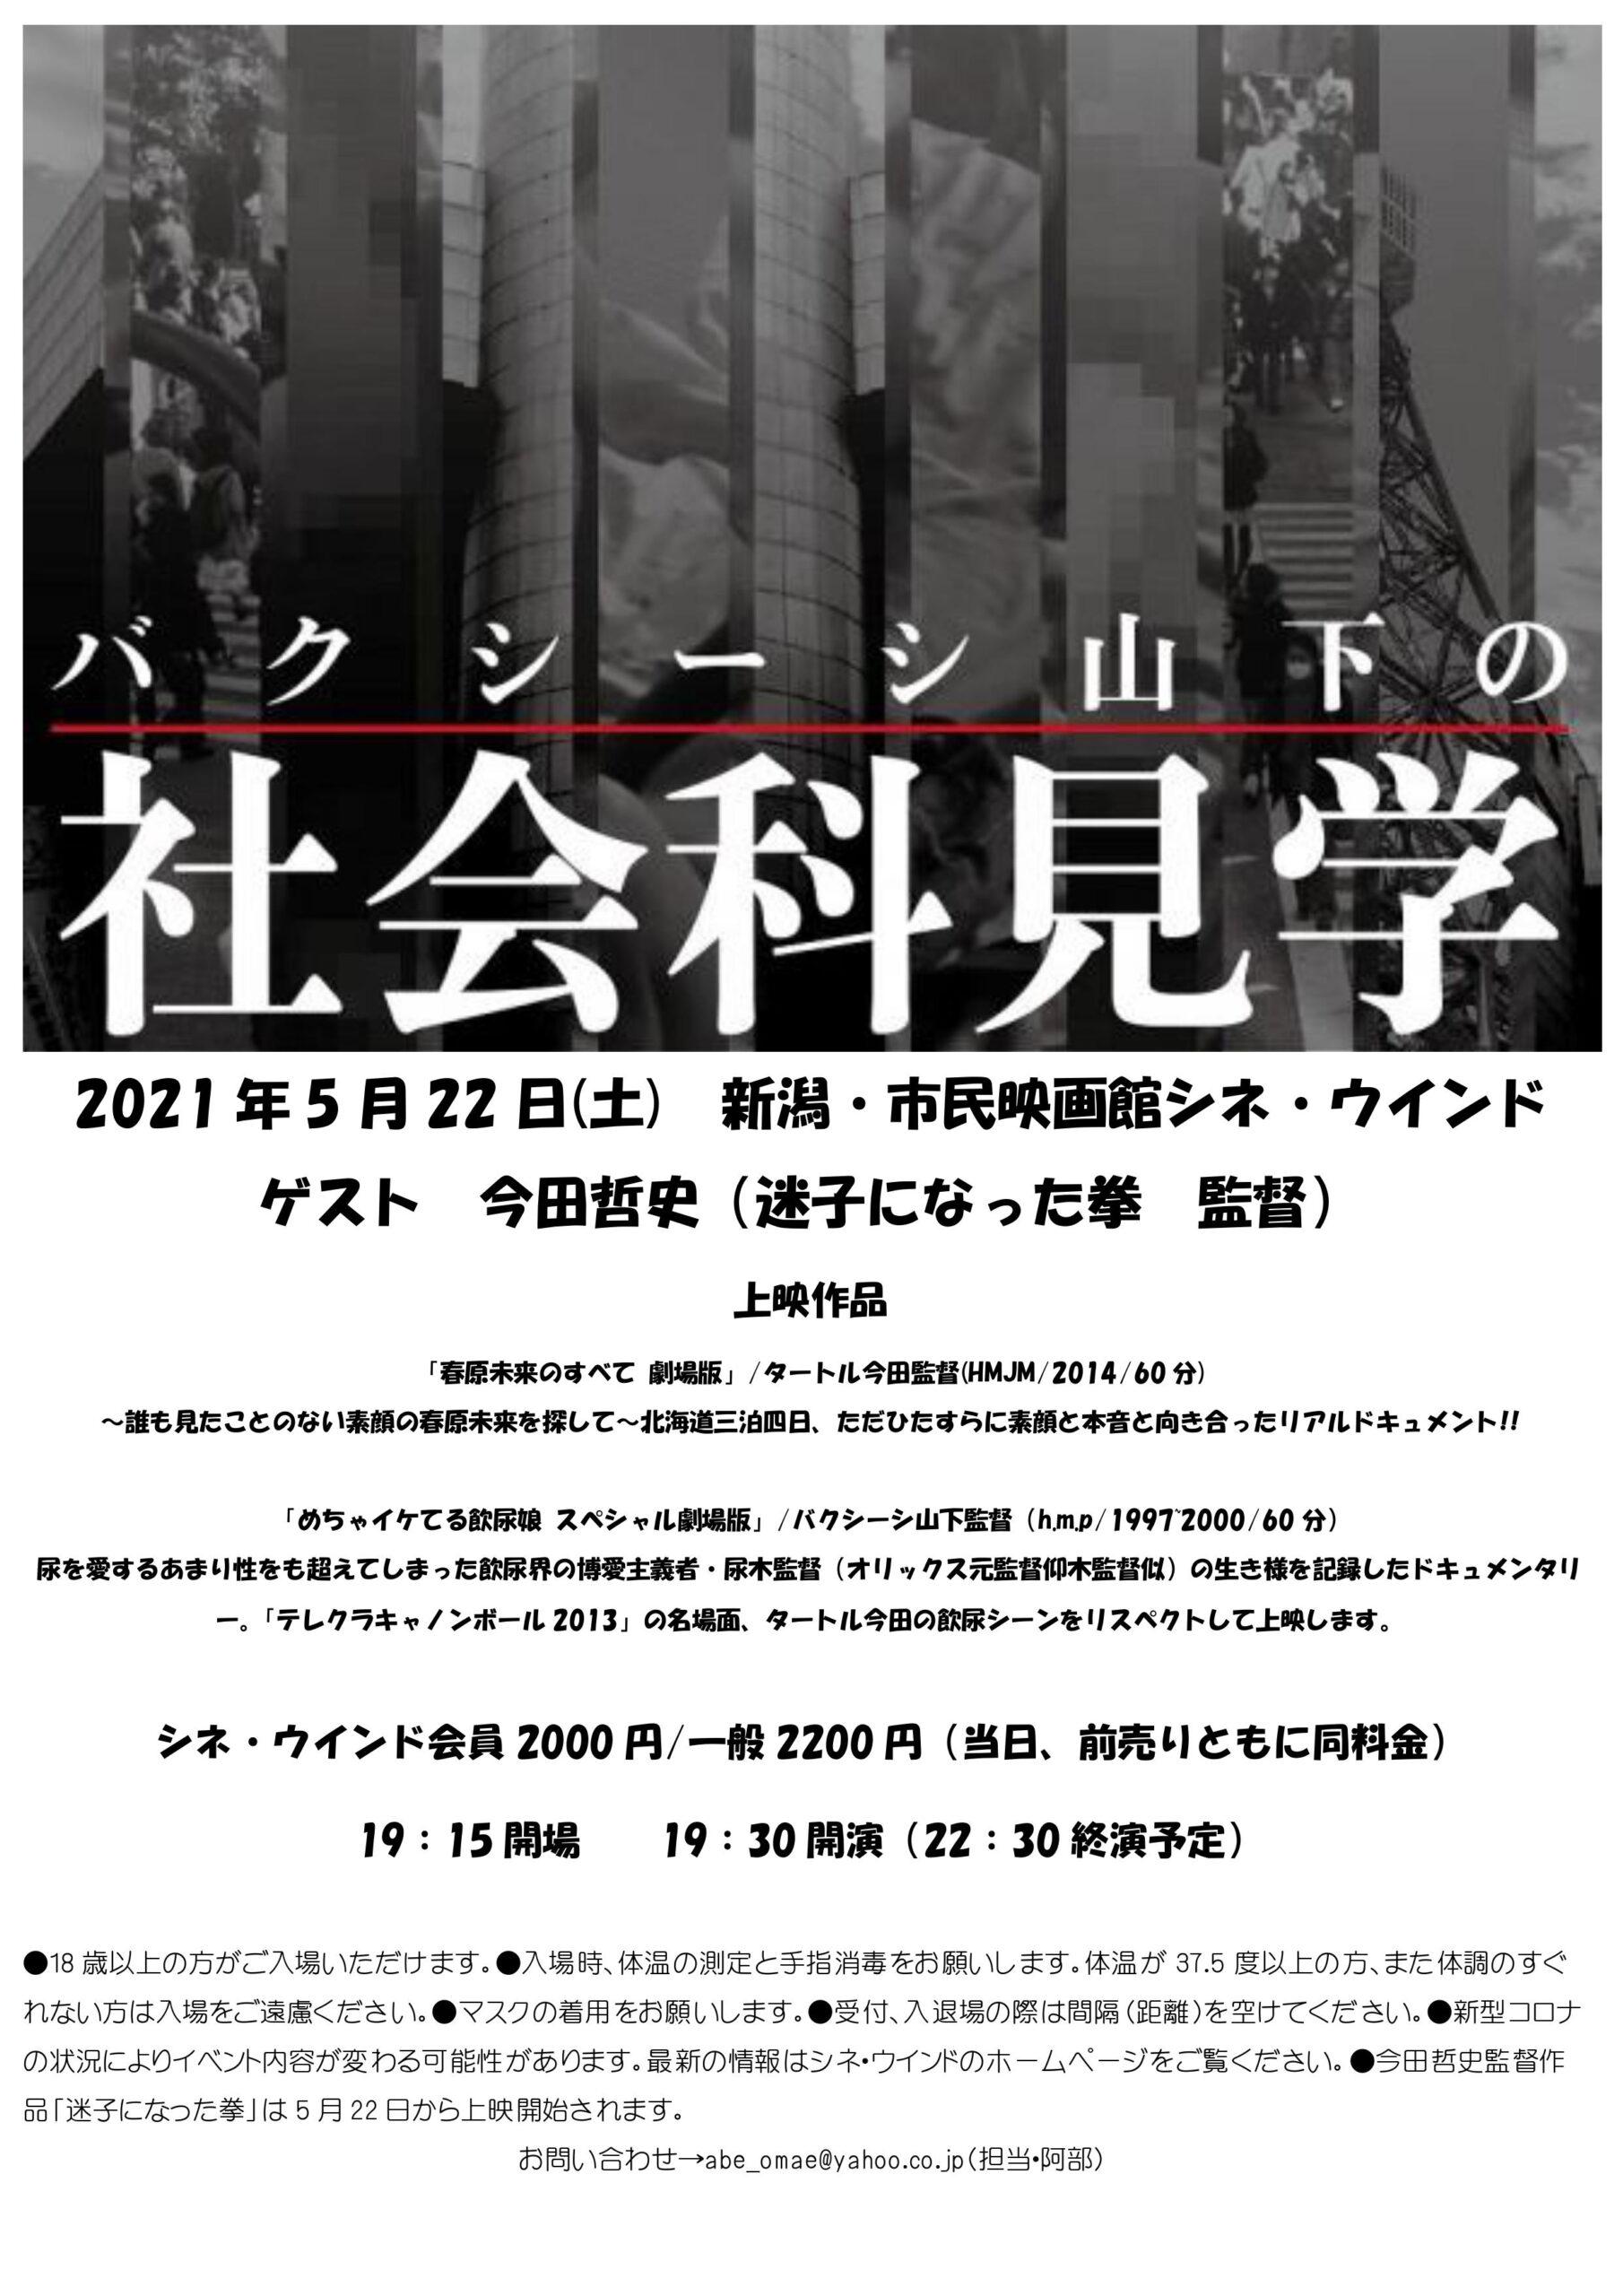 【貸館】バクシーシ山下の社会科見学11